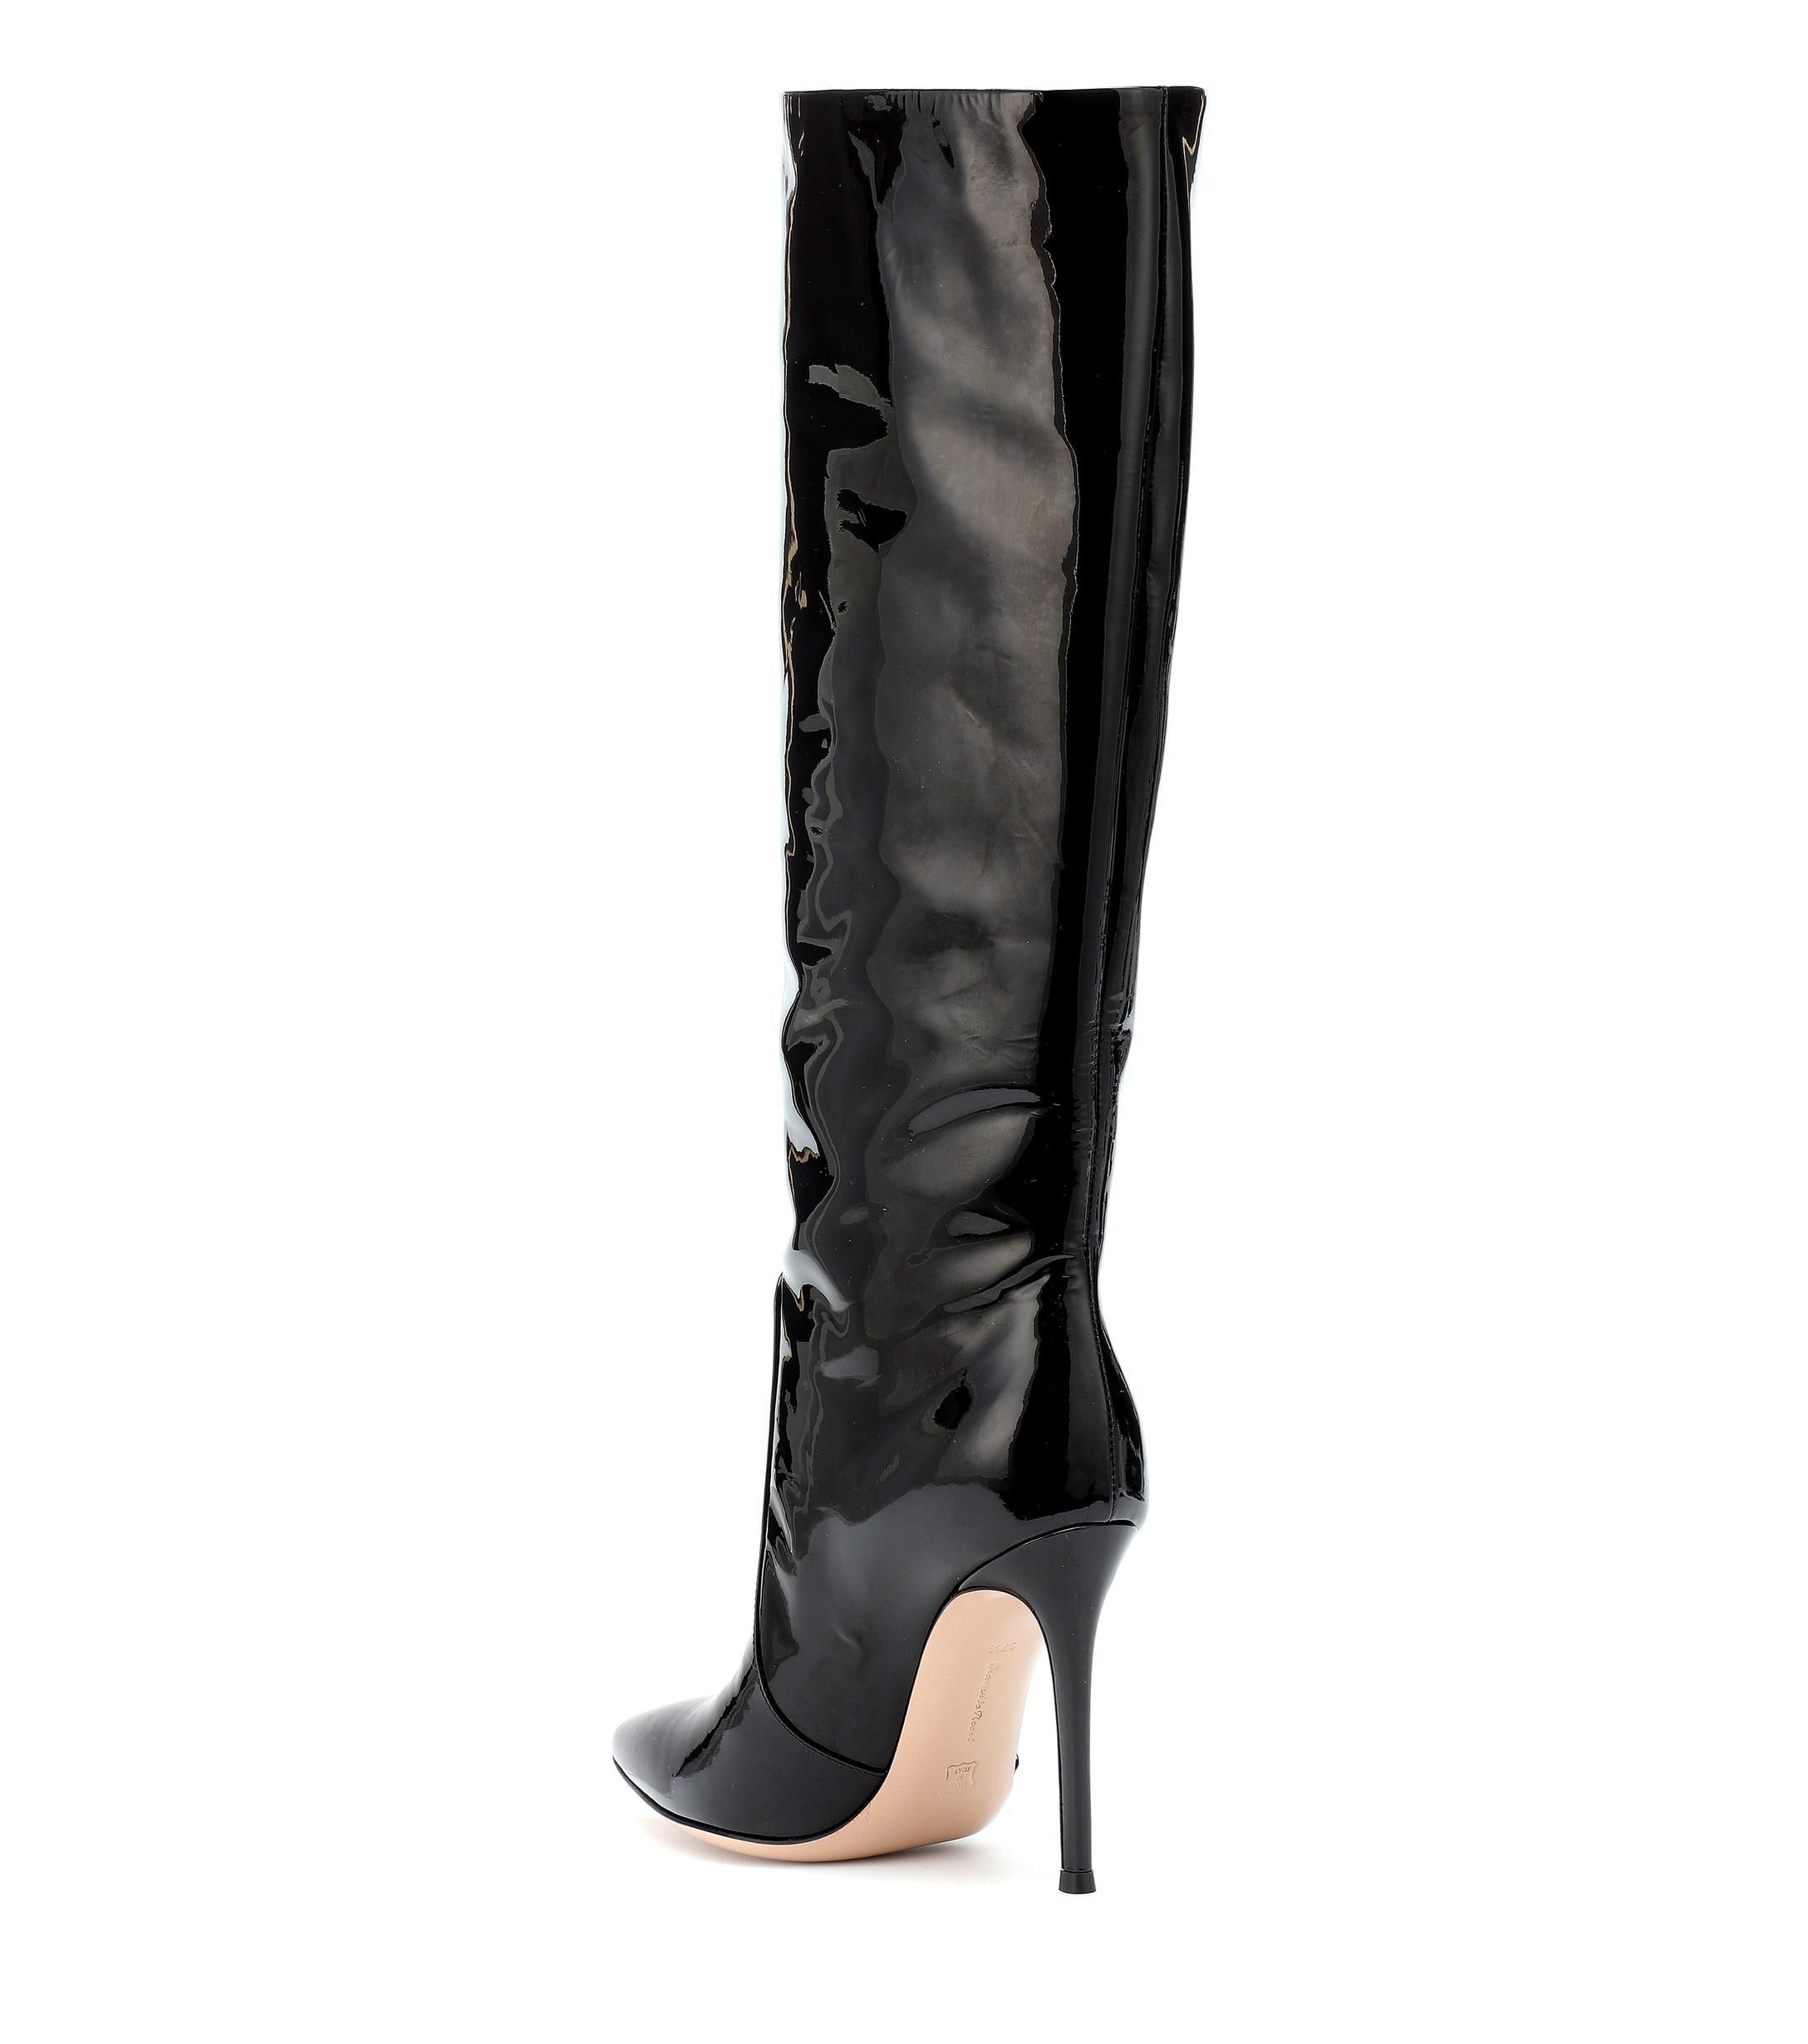 e42627de50e3 Lyst - Gianvito Rossi Heather 105 Black Patent Leather Boots in Black